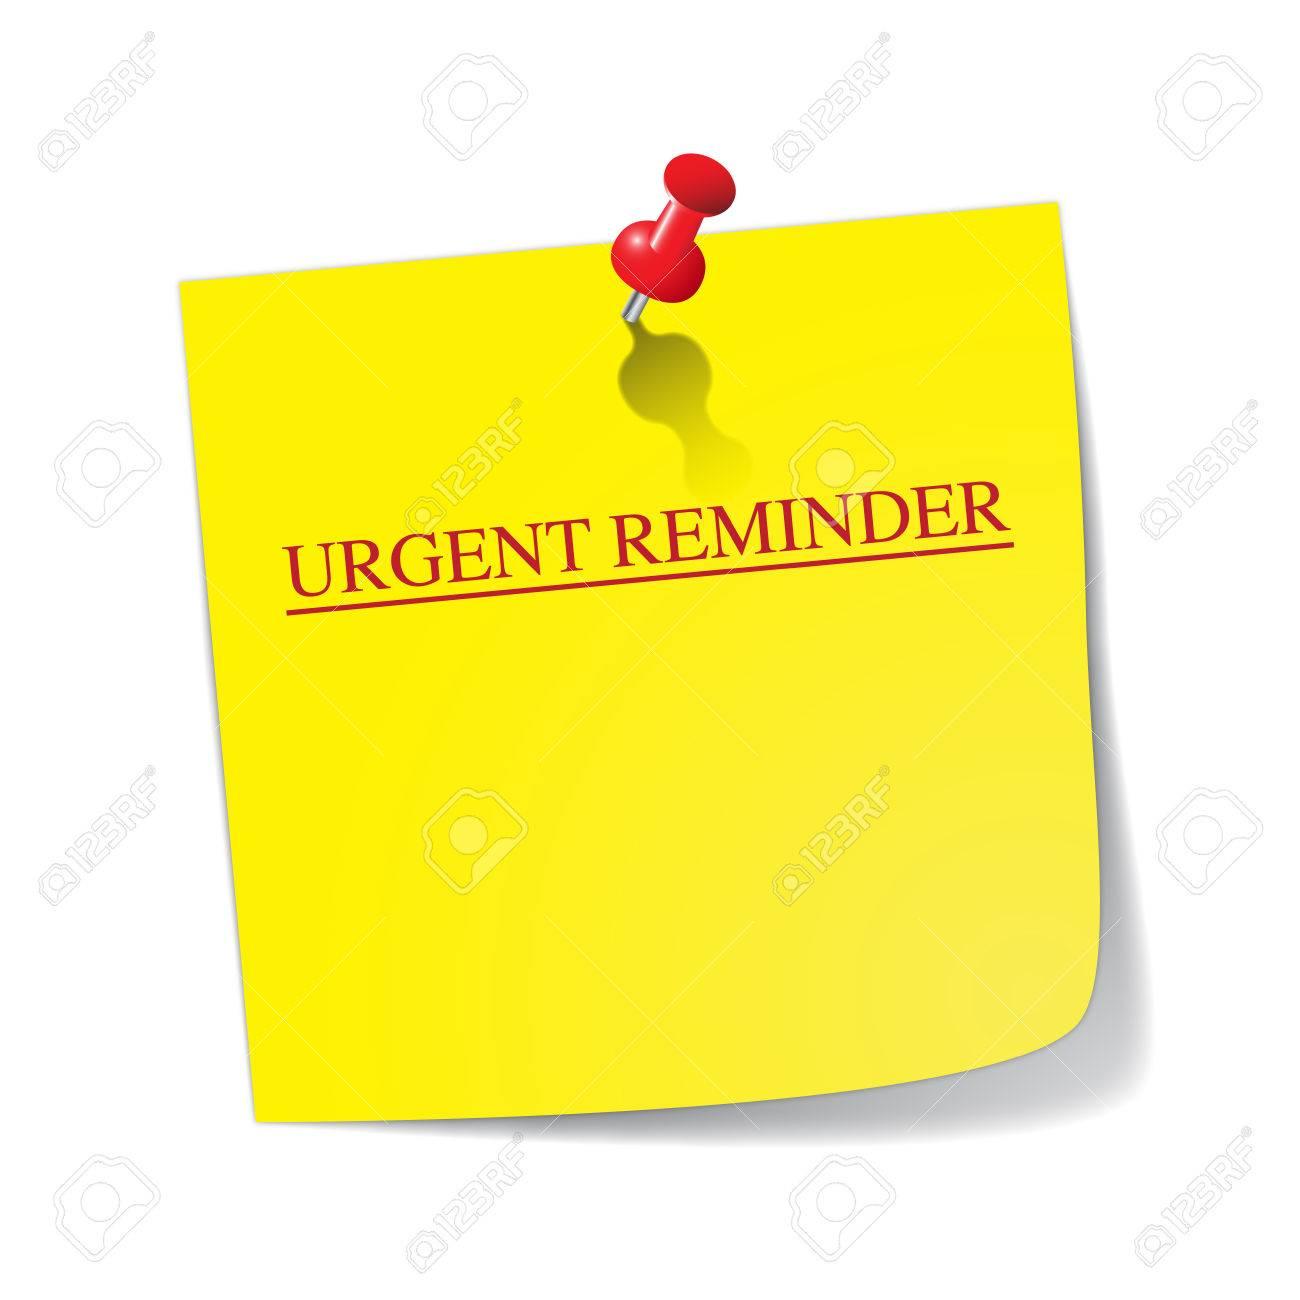 Reminder Images